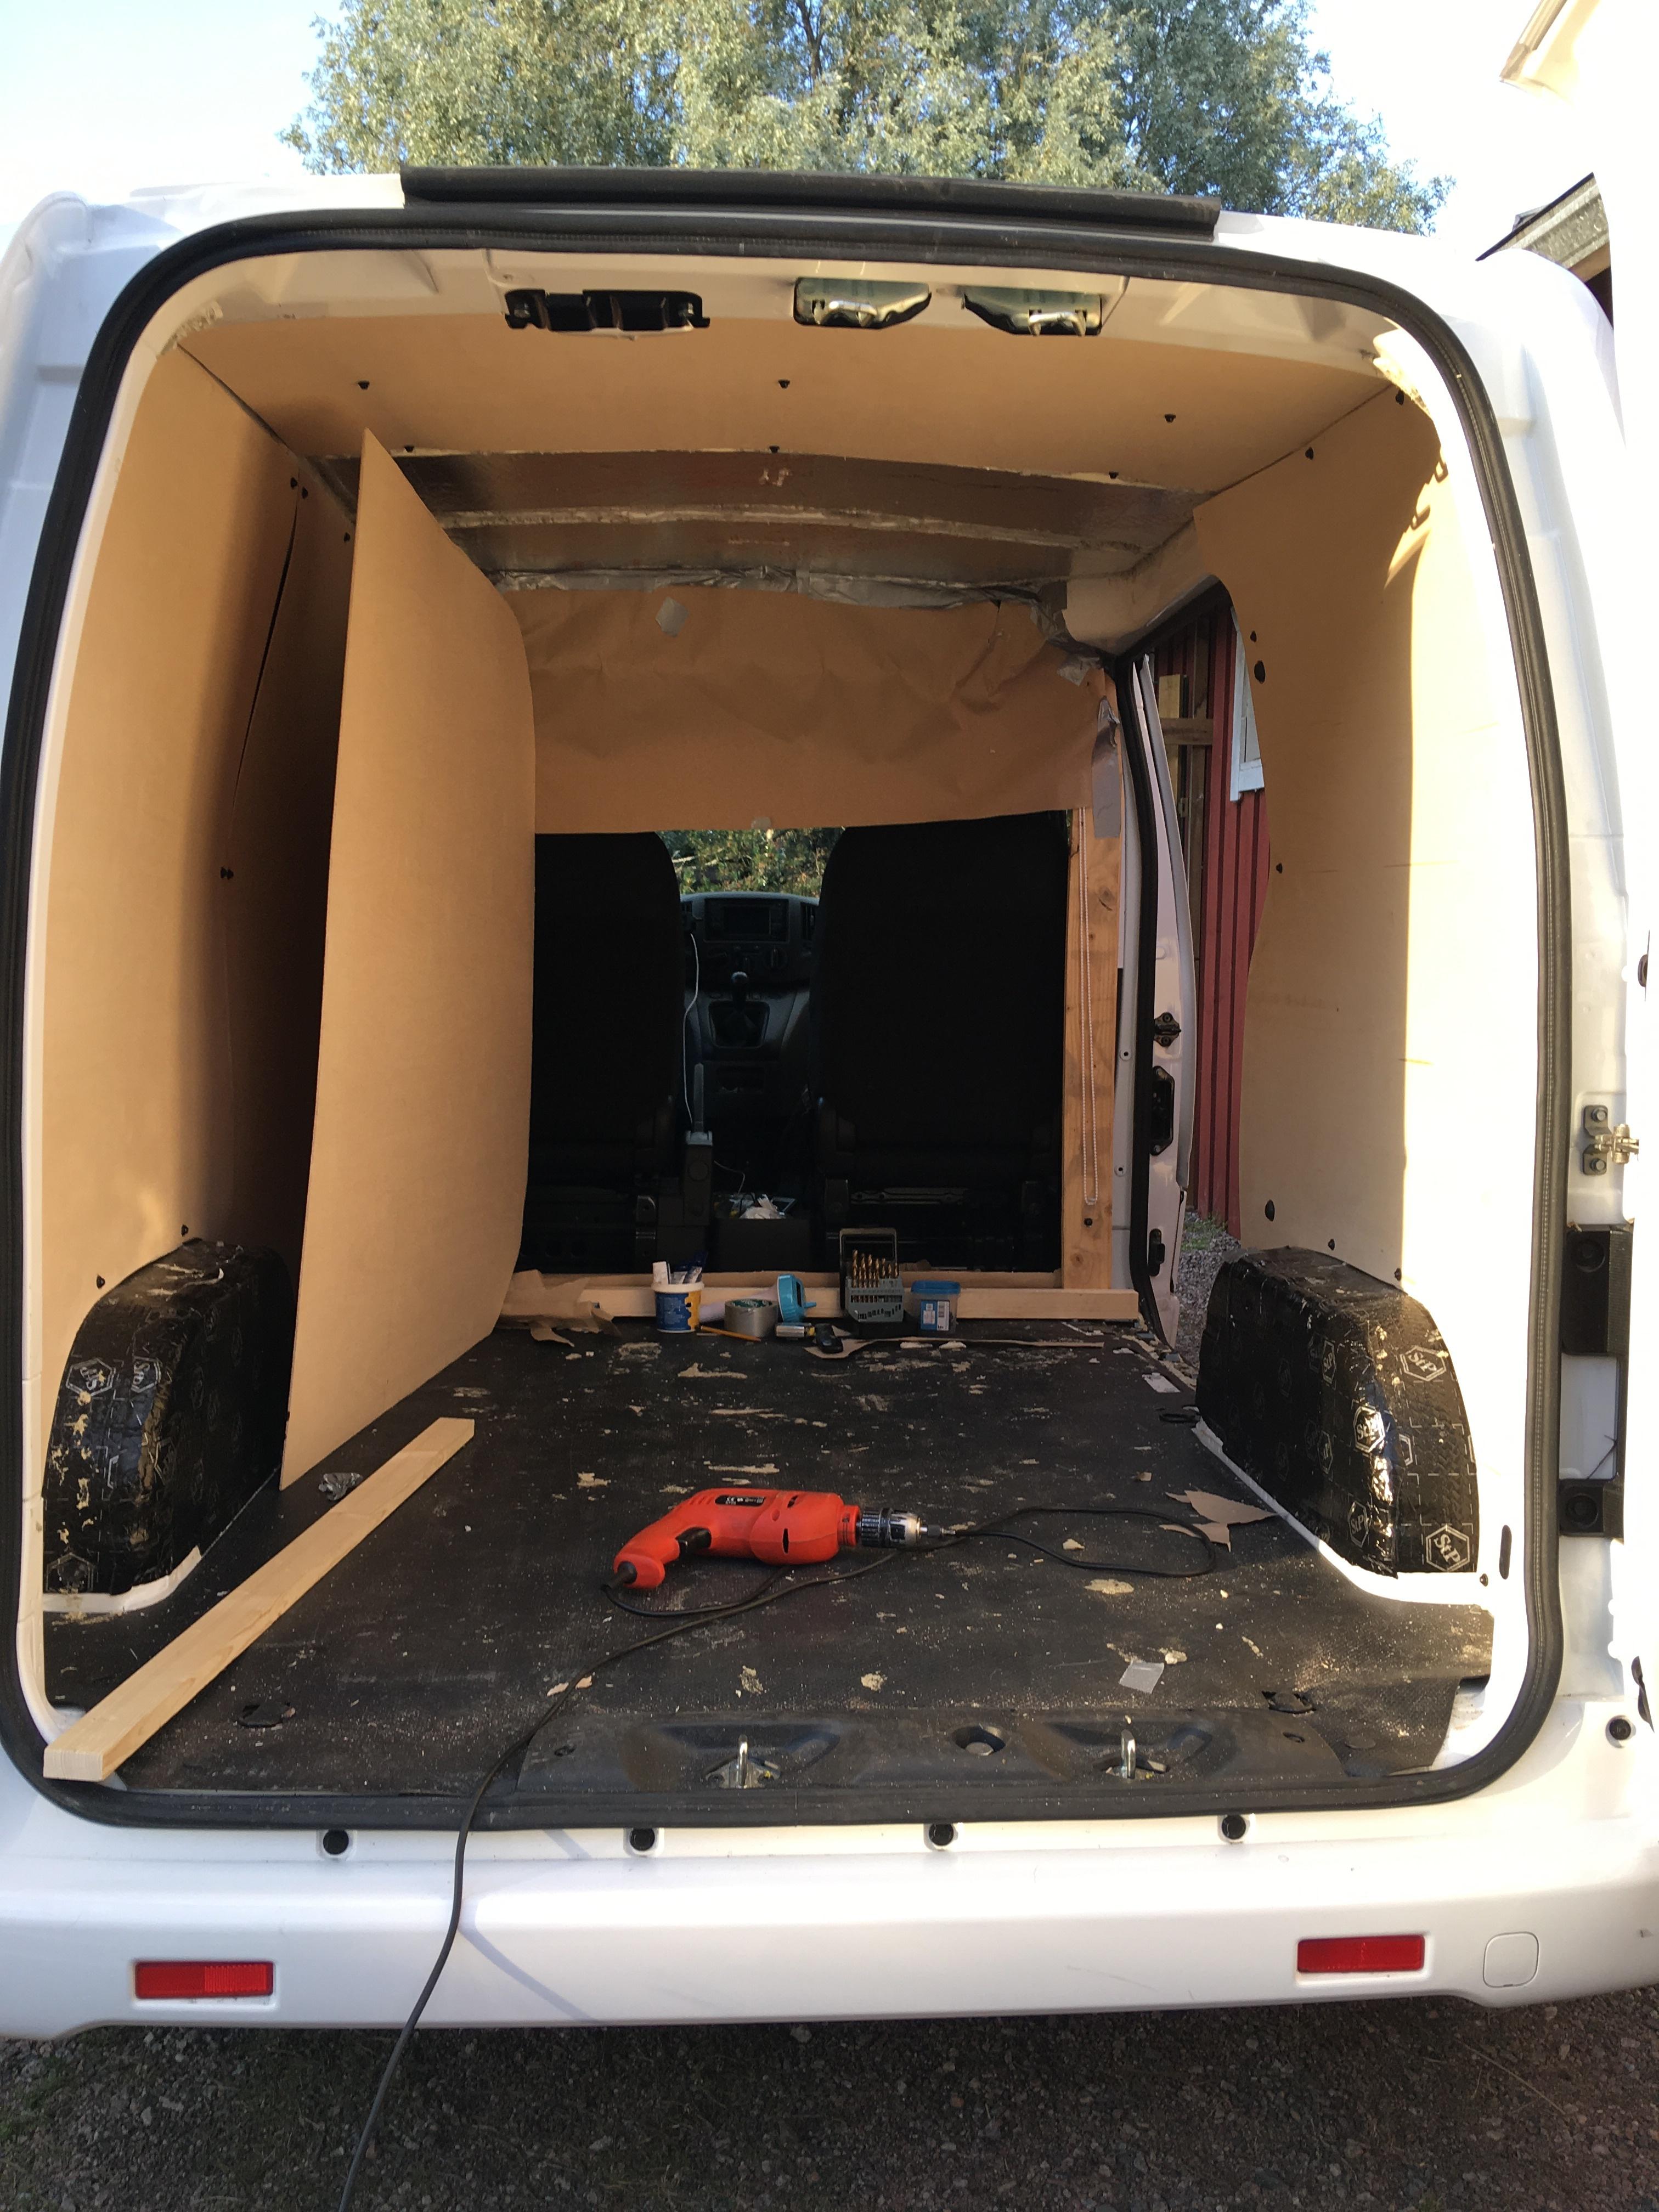 Nissan NV200, a mini campervan build